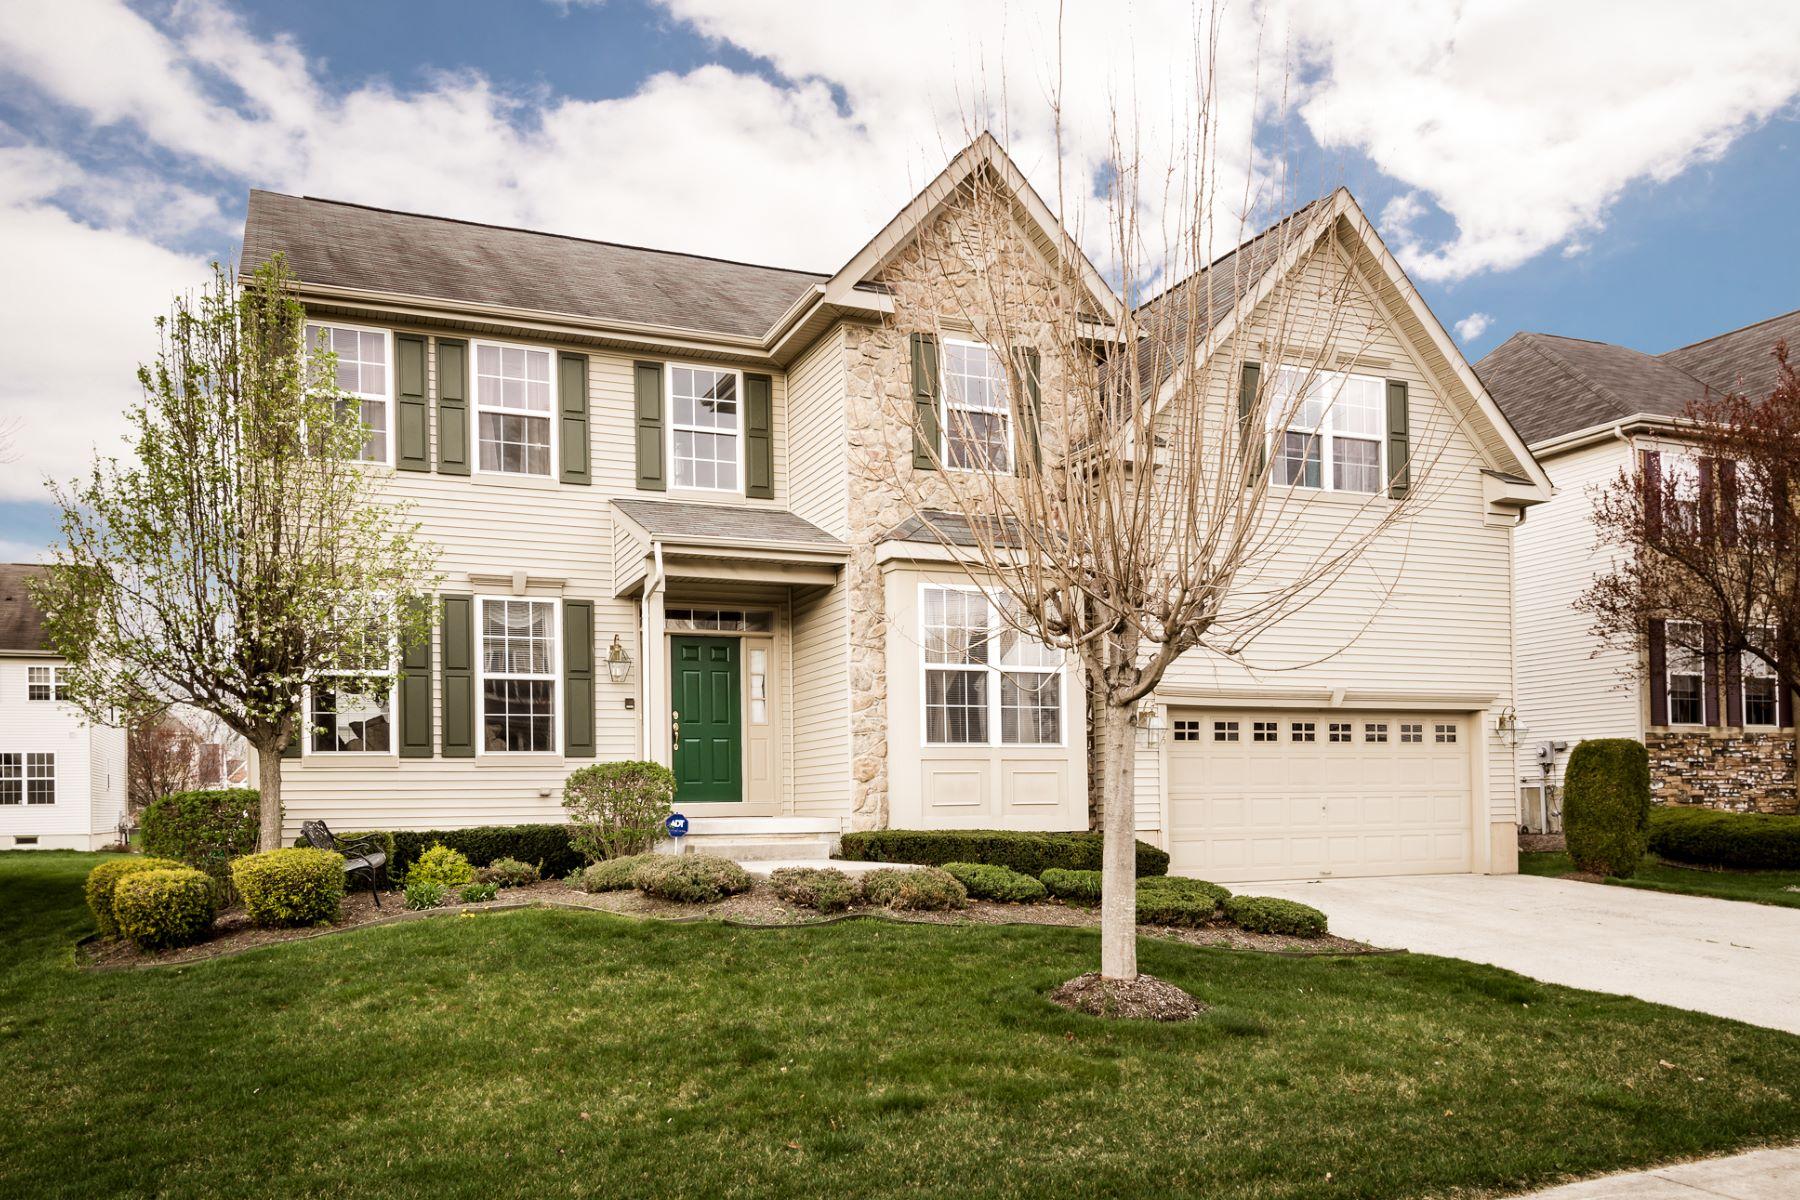 Maison unifamiliale pour l Vente à Elegant Bordentown Home 22 Ridgewood Drive Bordentown, New Jersey 08505 États-Unis